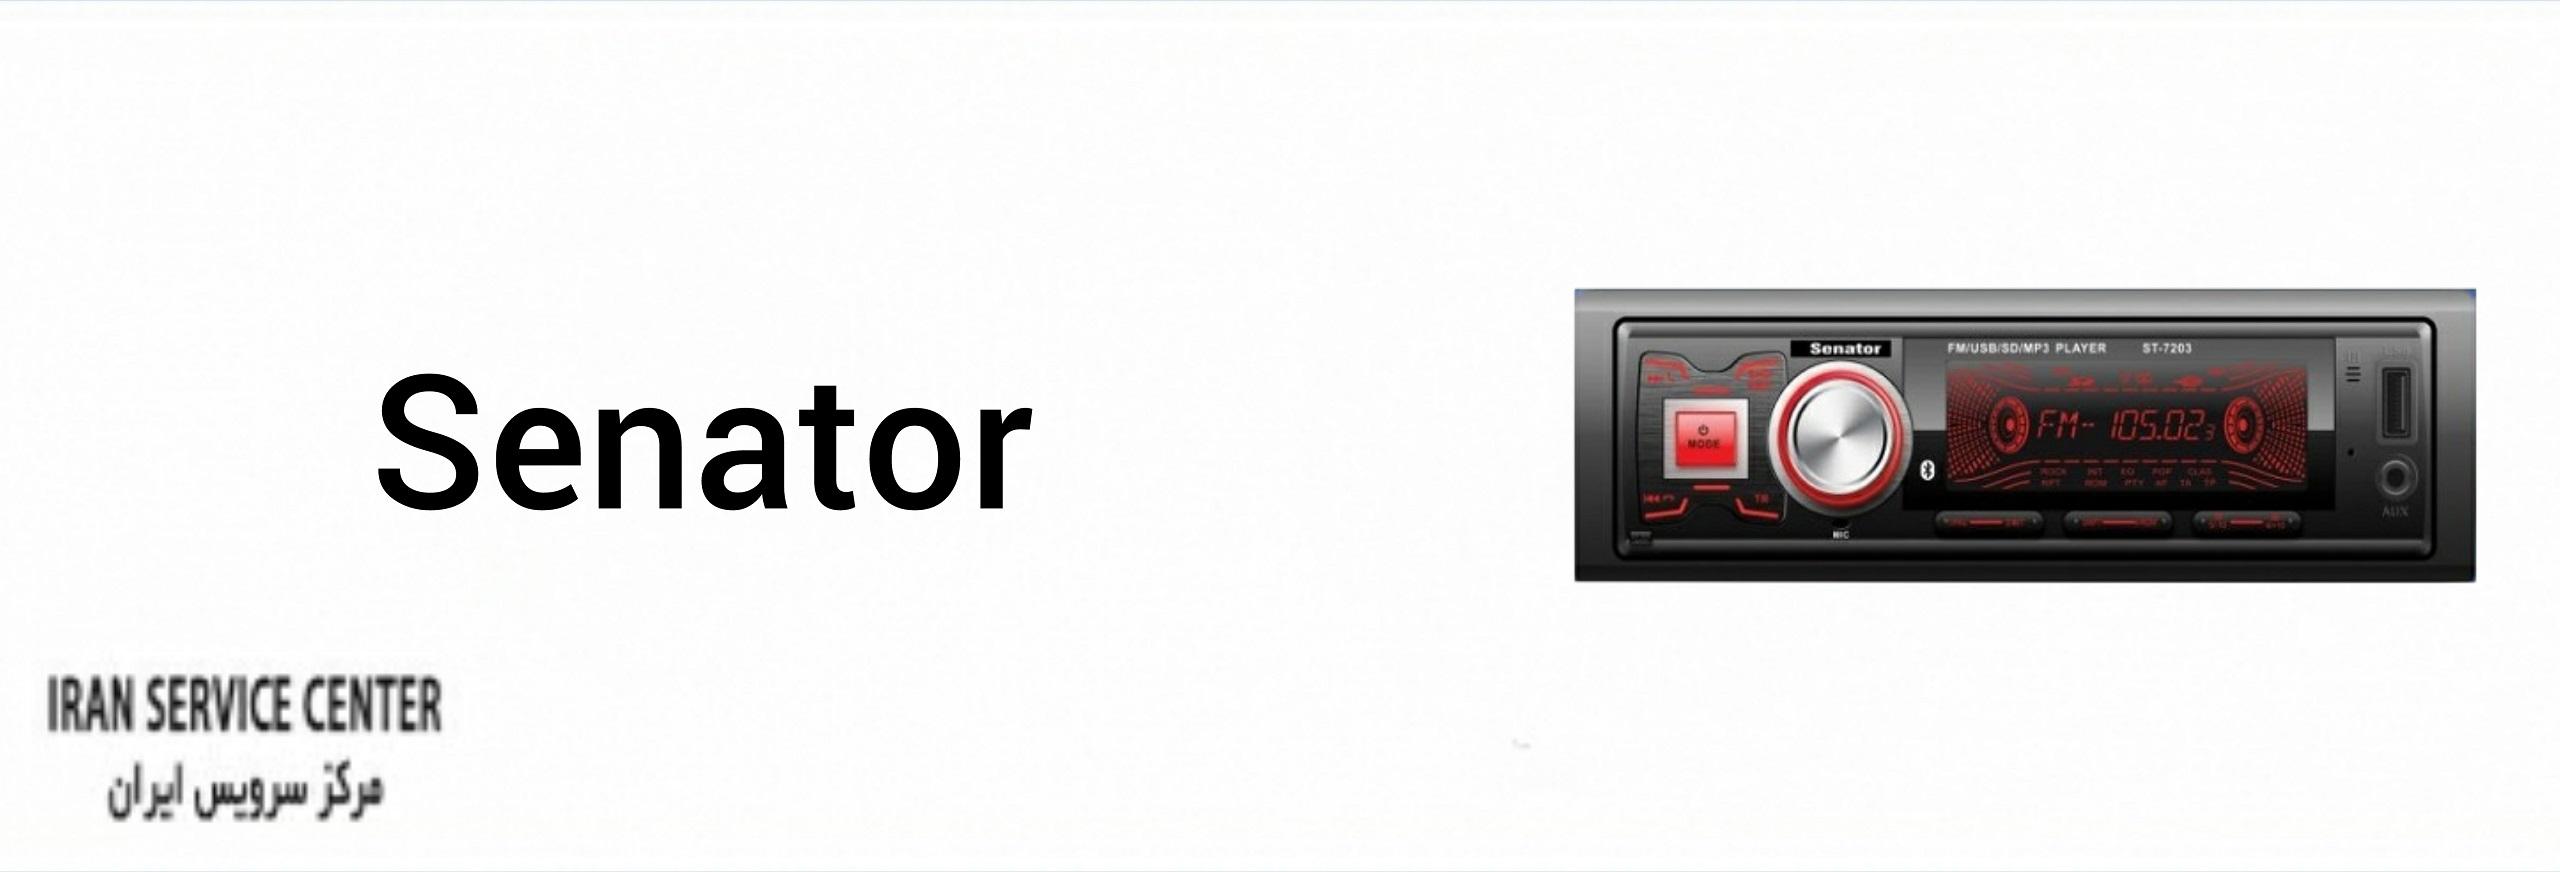 نمایندگی تعمیرات ضبط خودرو سناتور (senator)